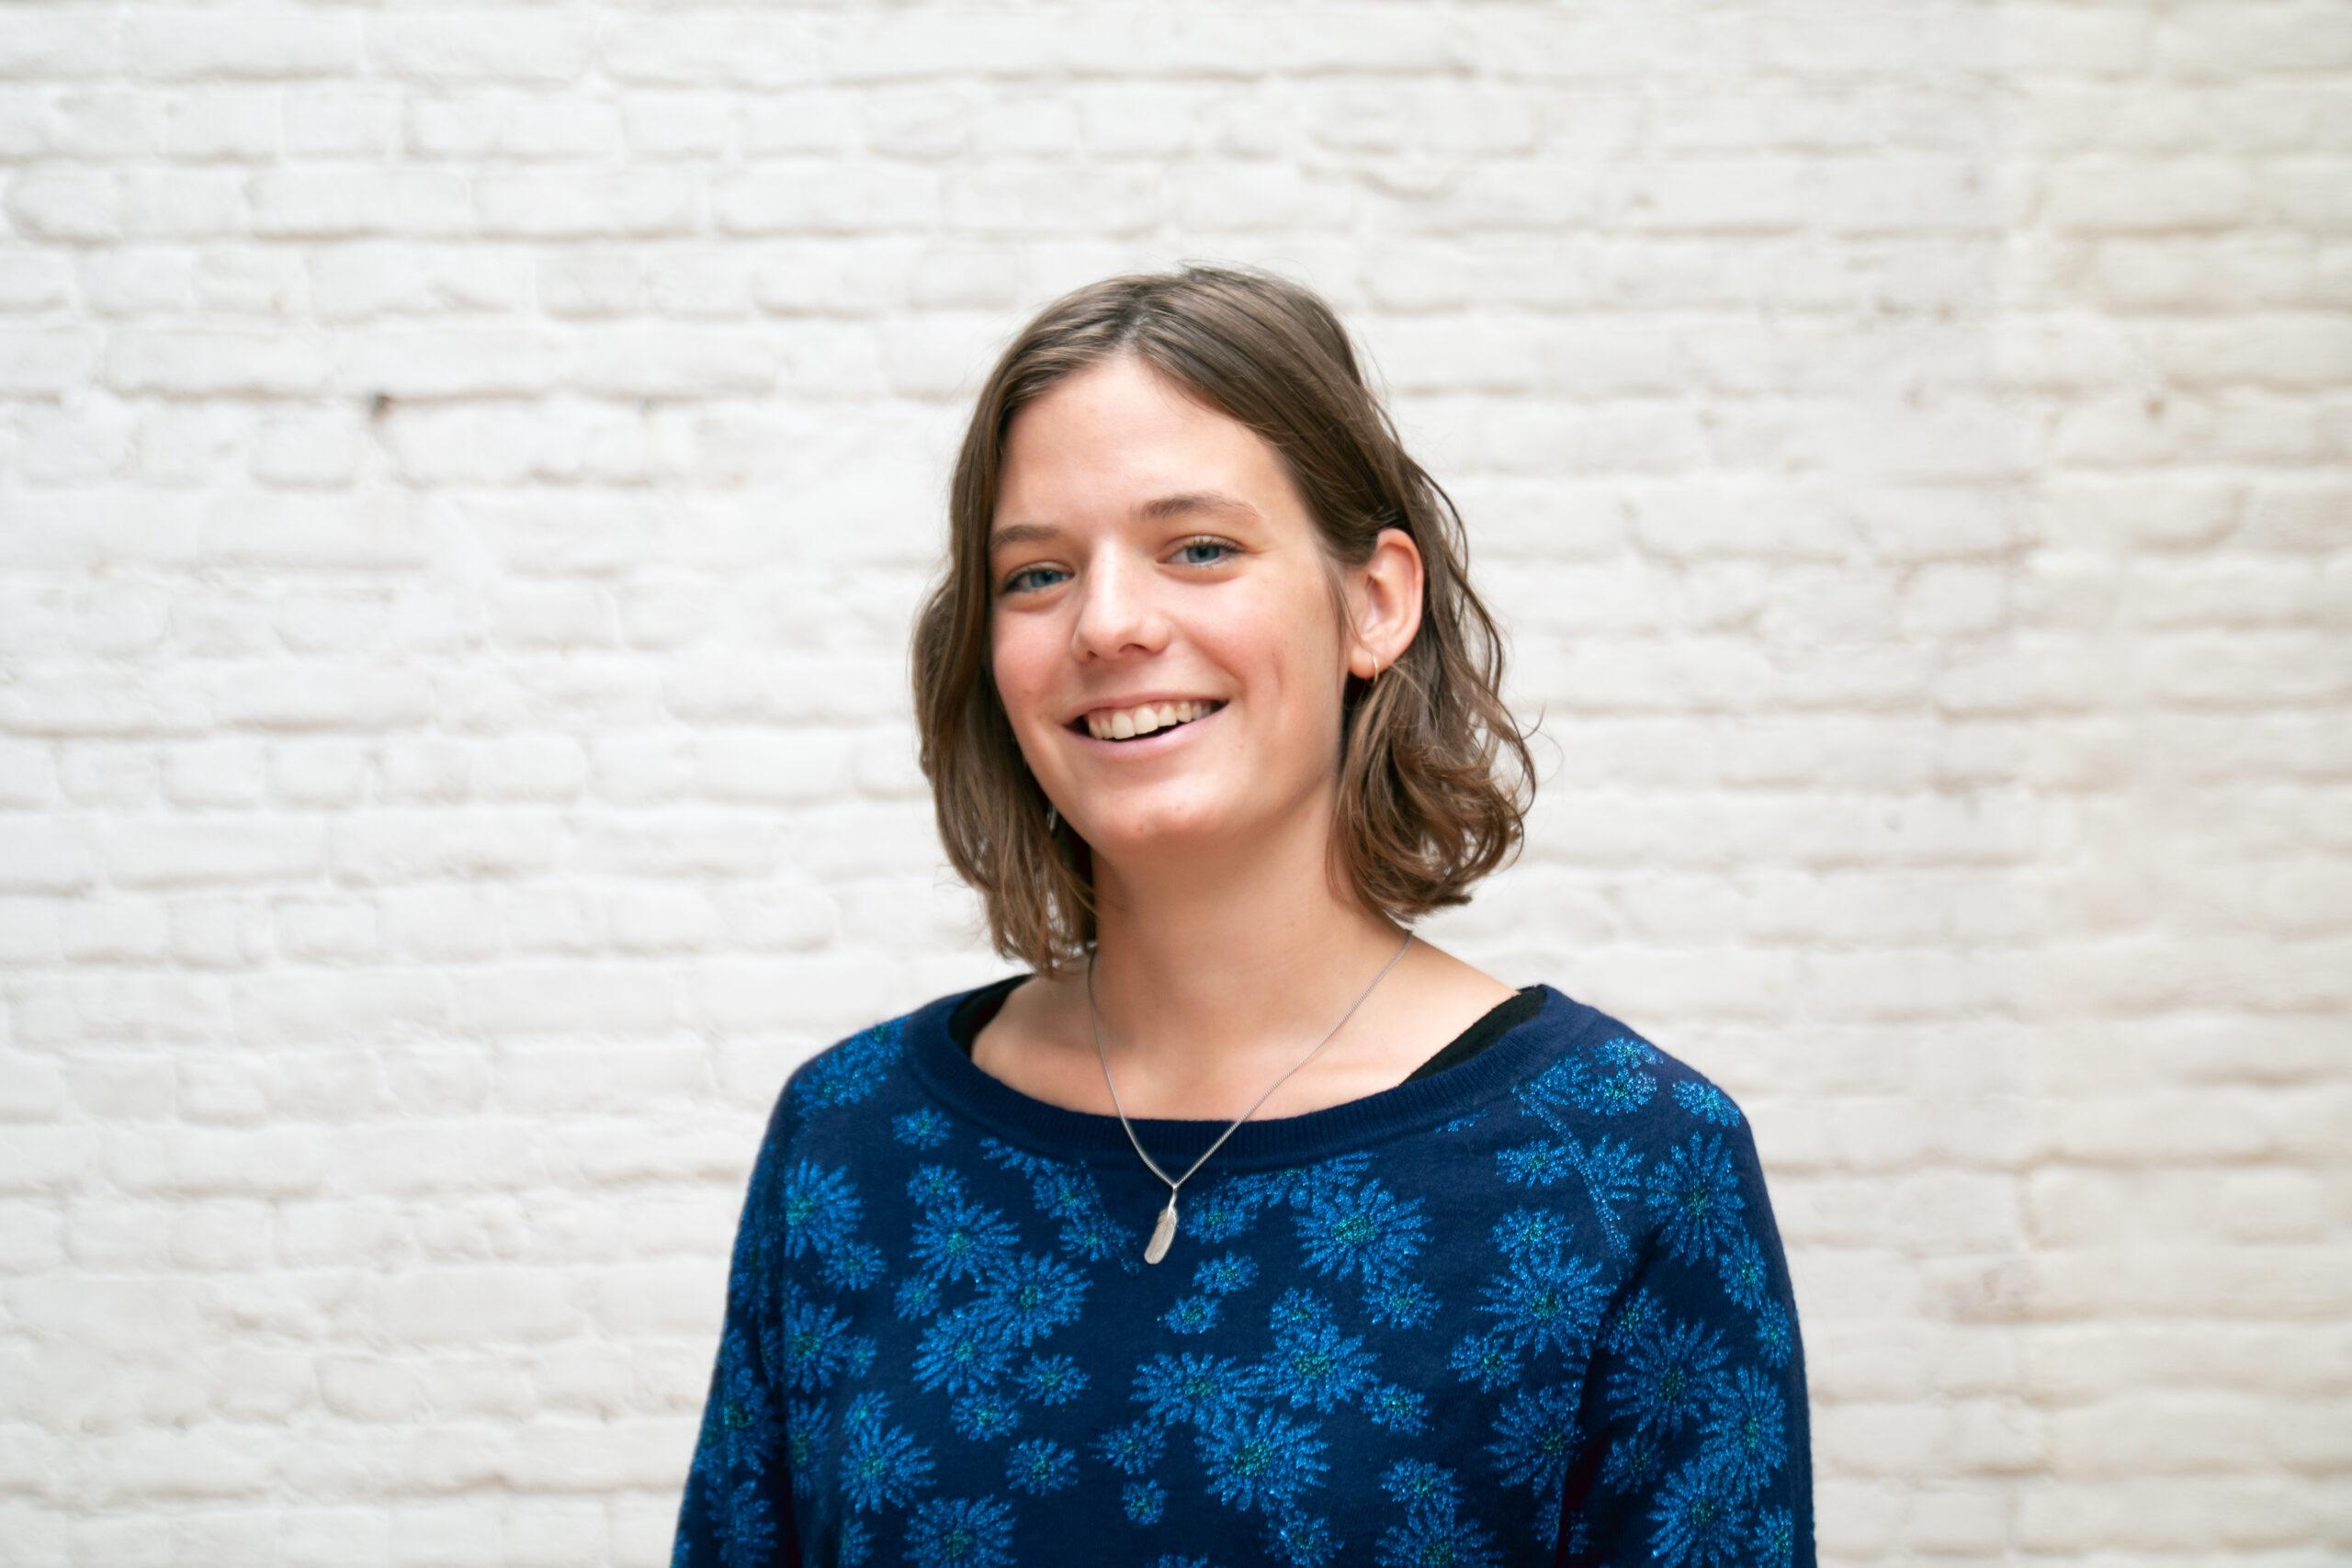 Amber De Decker